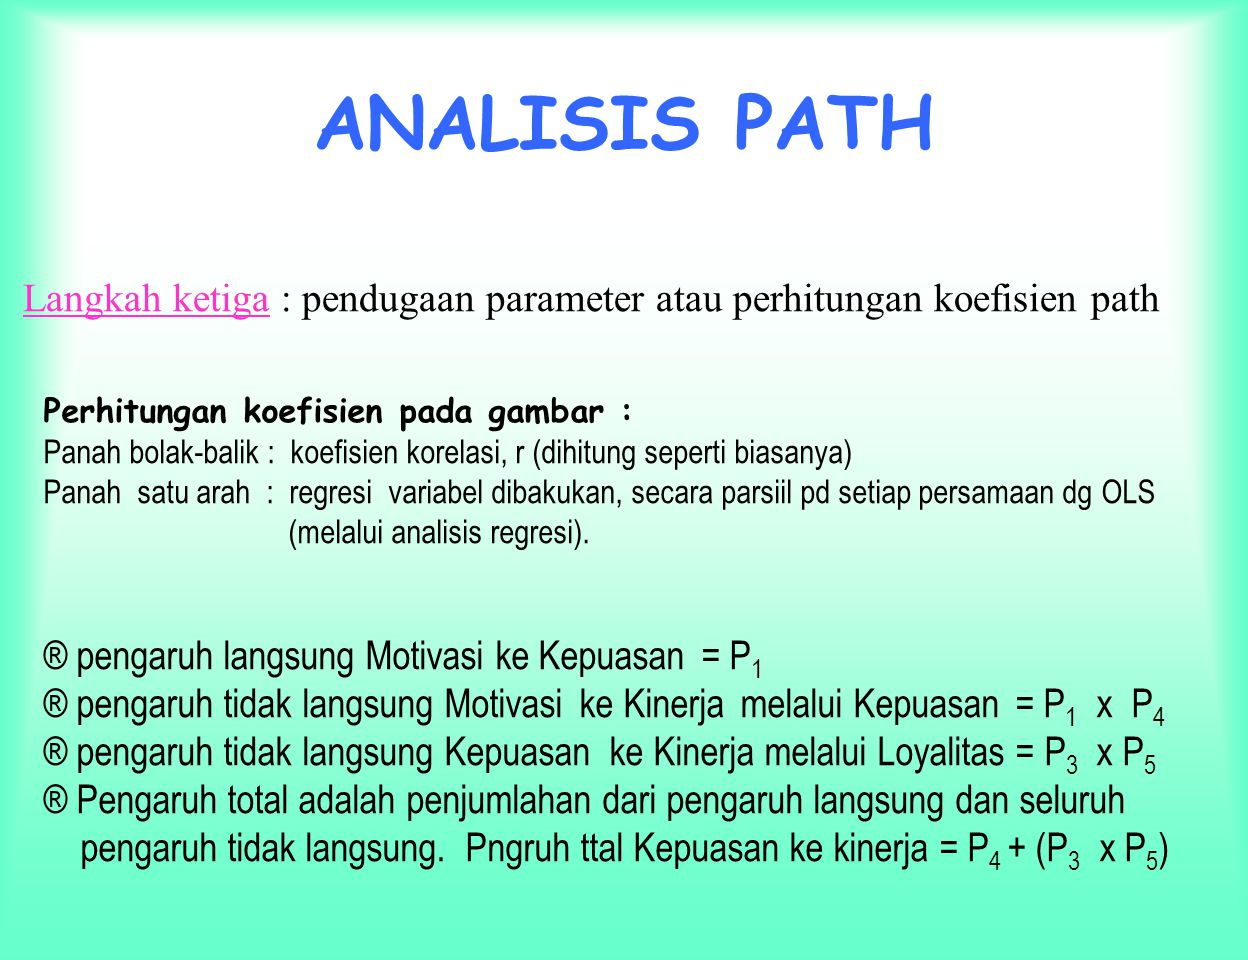 ANALISIS PATH Langkah ketiga : pendugaan parameter atau perhitungan koefisien path. Perhitungan koefisien pada gambar :